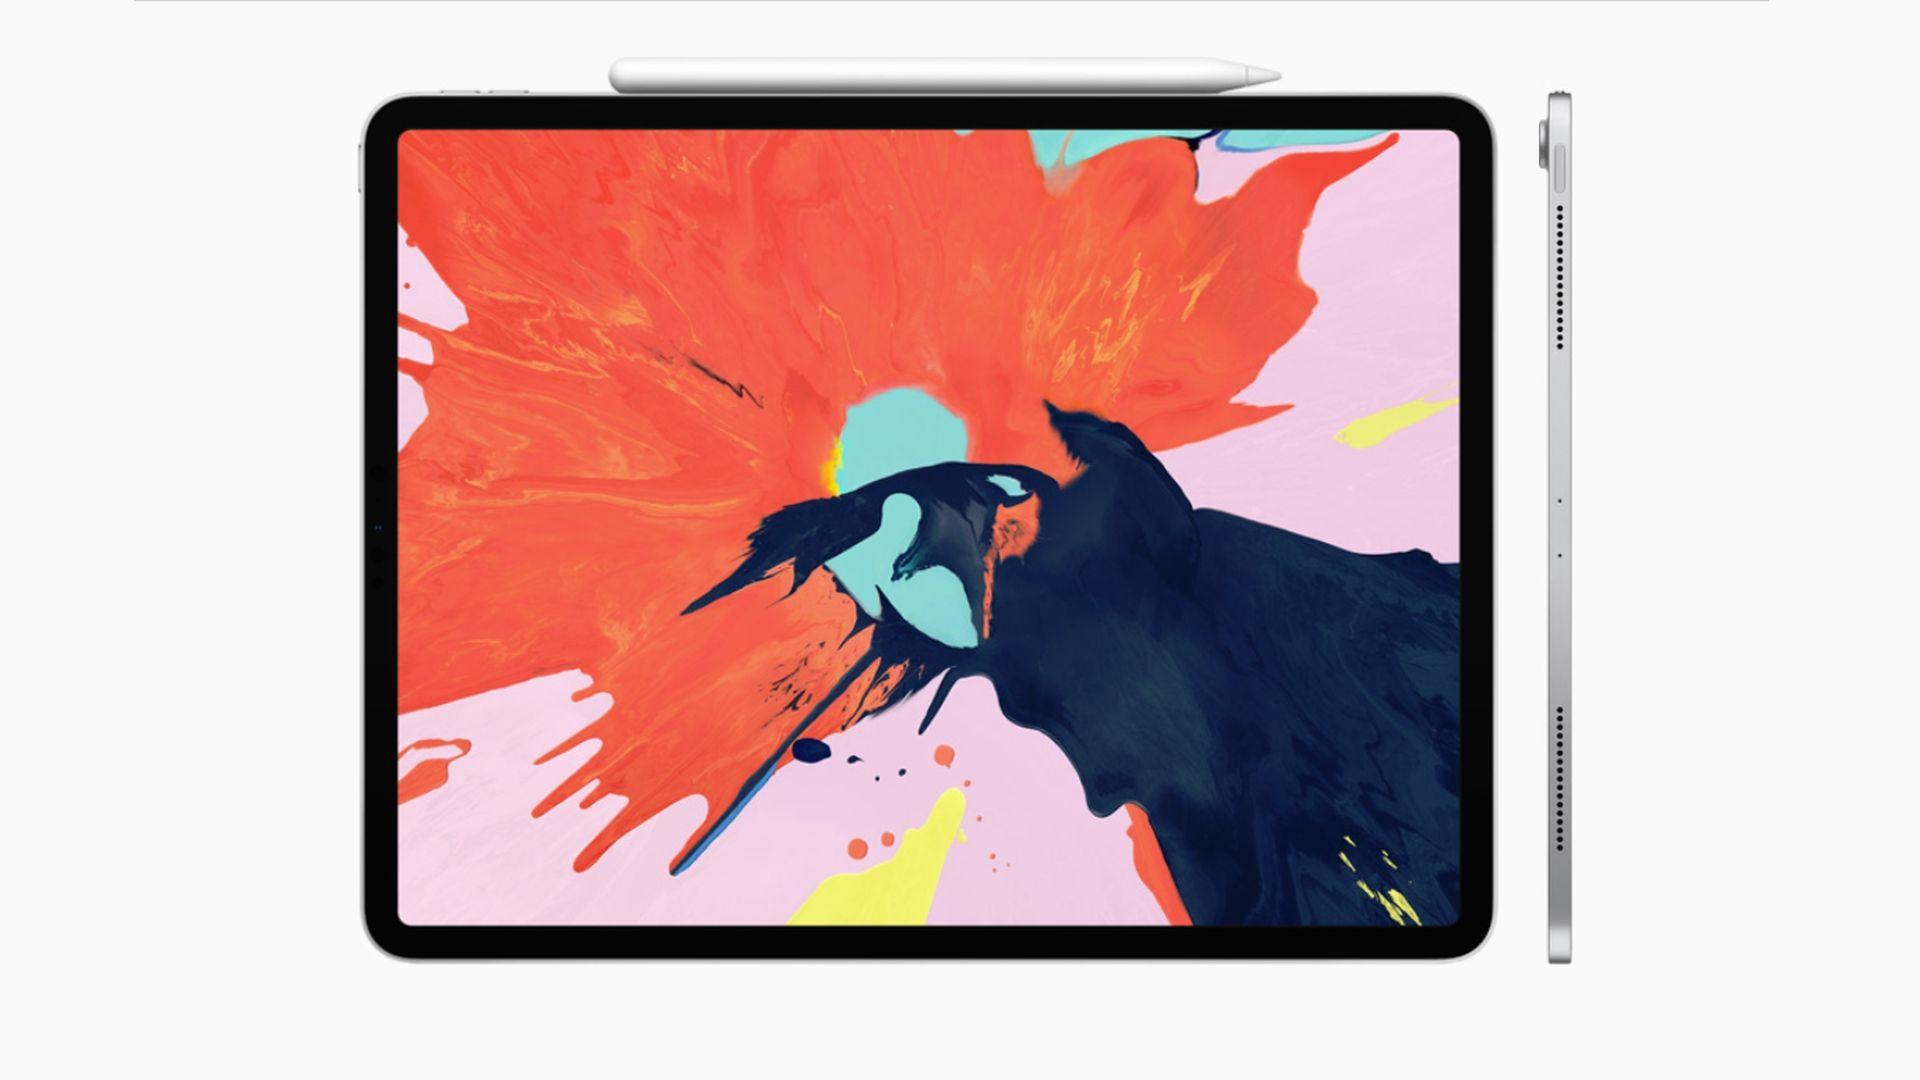 Sprzedaż szacunkowa iPadów w ostatnim kwartale 2018 roku